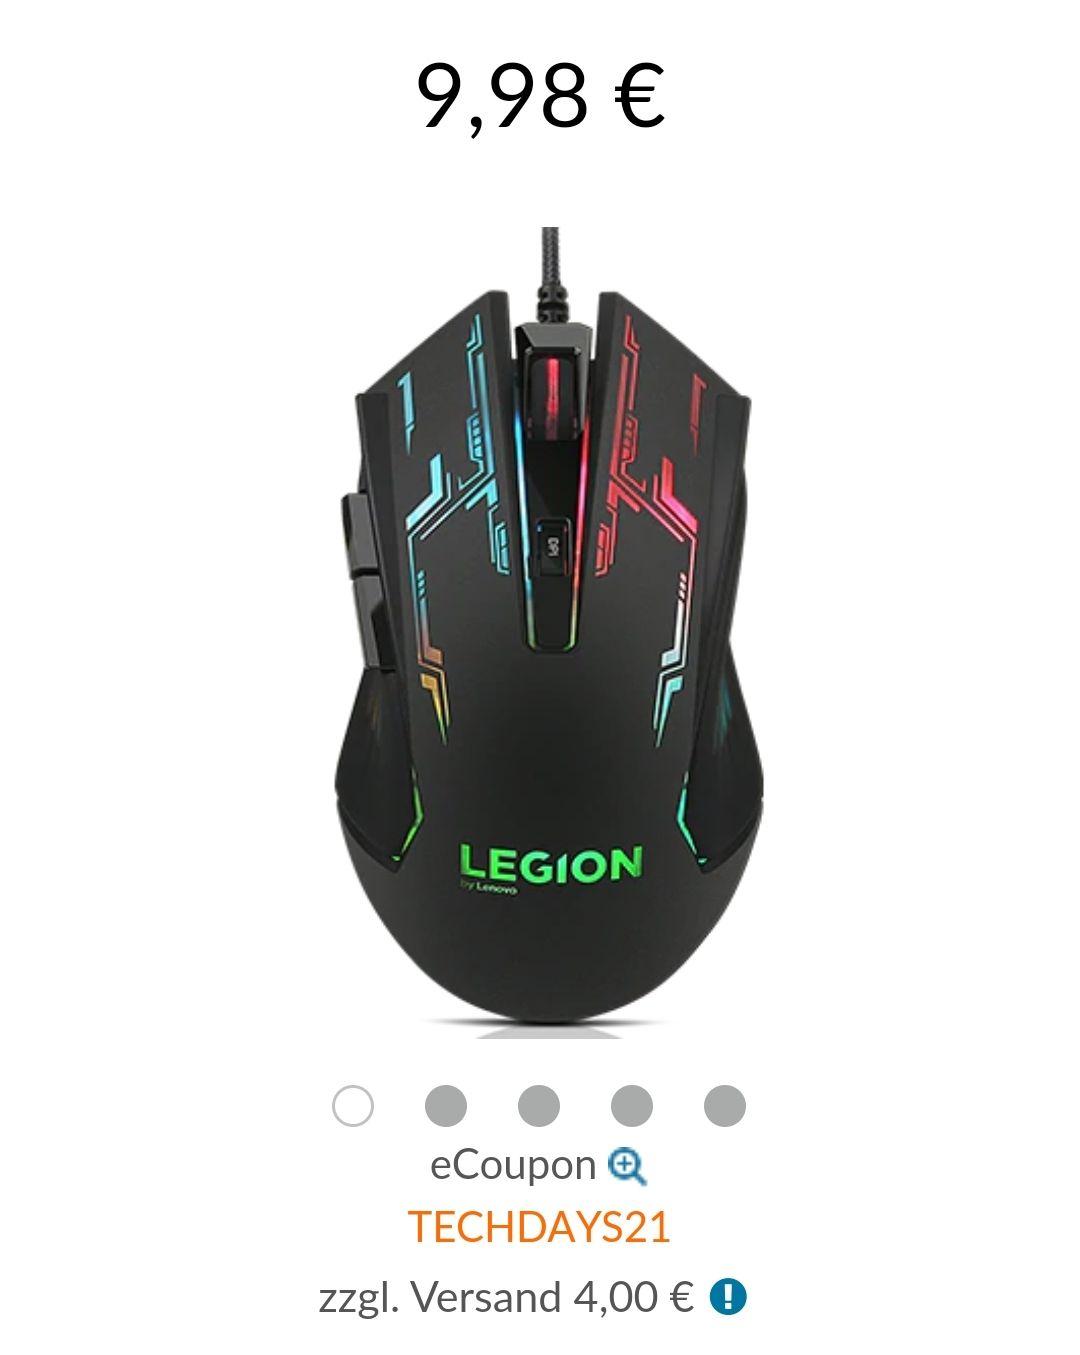 Lenovo Legion M200 Gaming Maus kabelgebunden